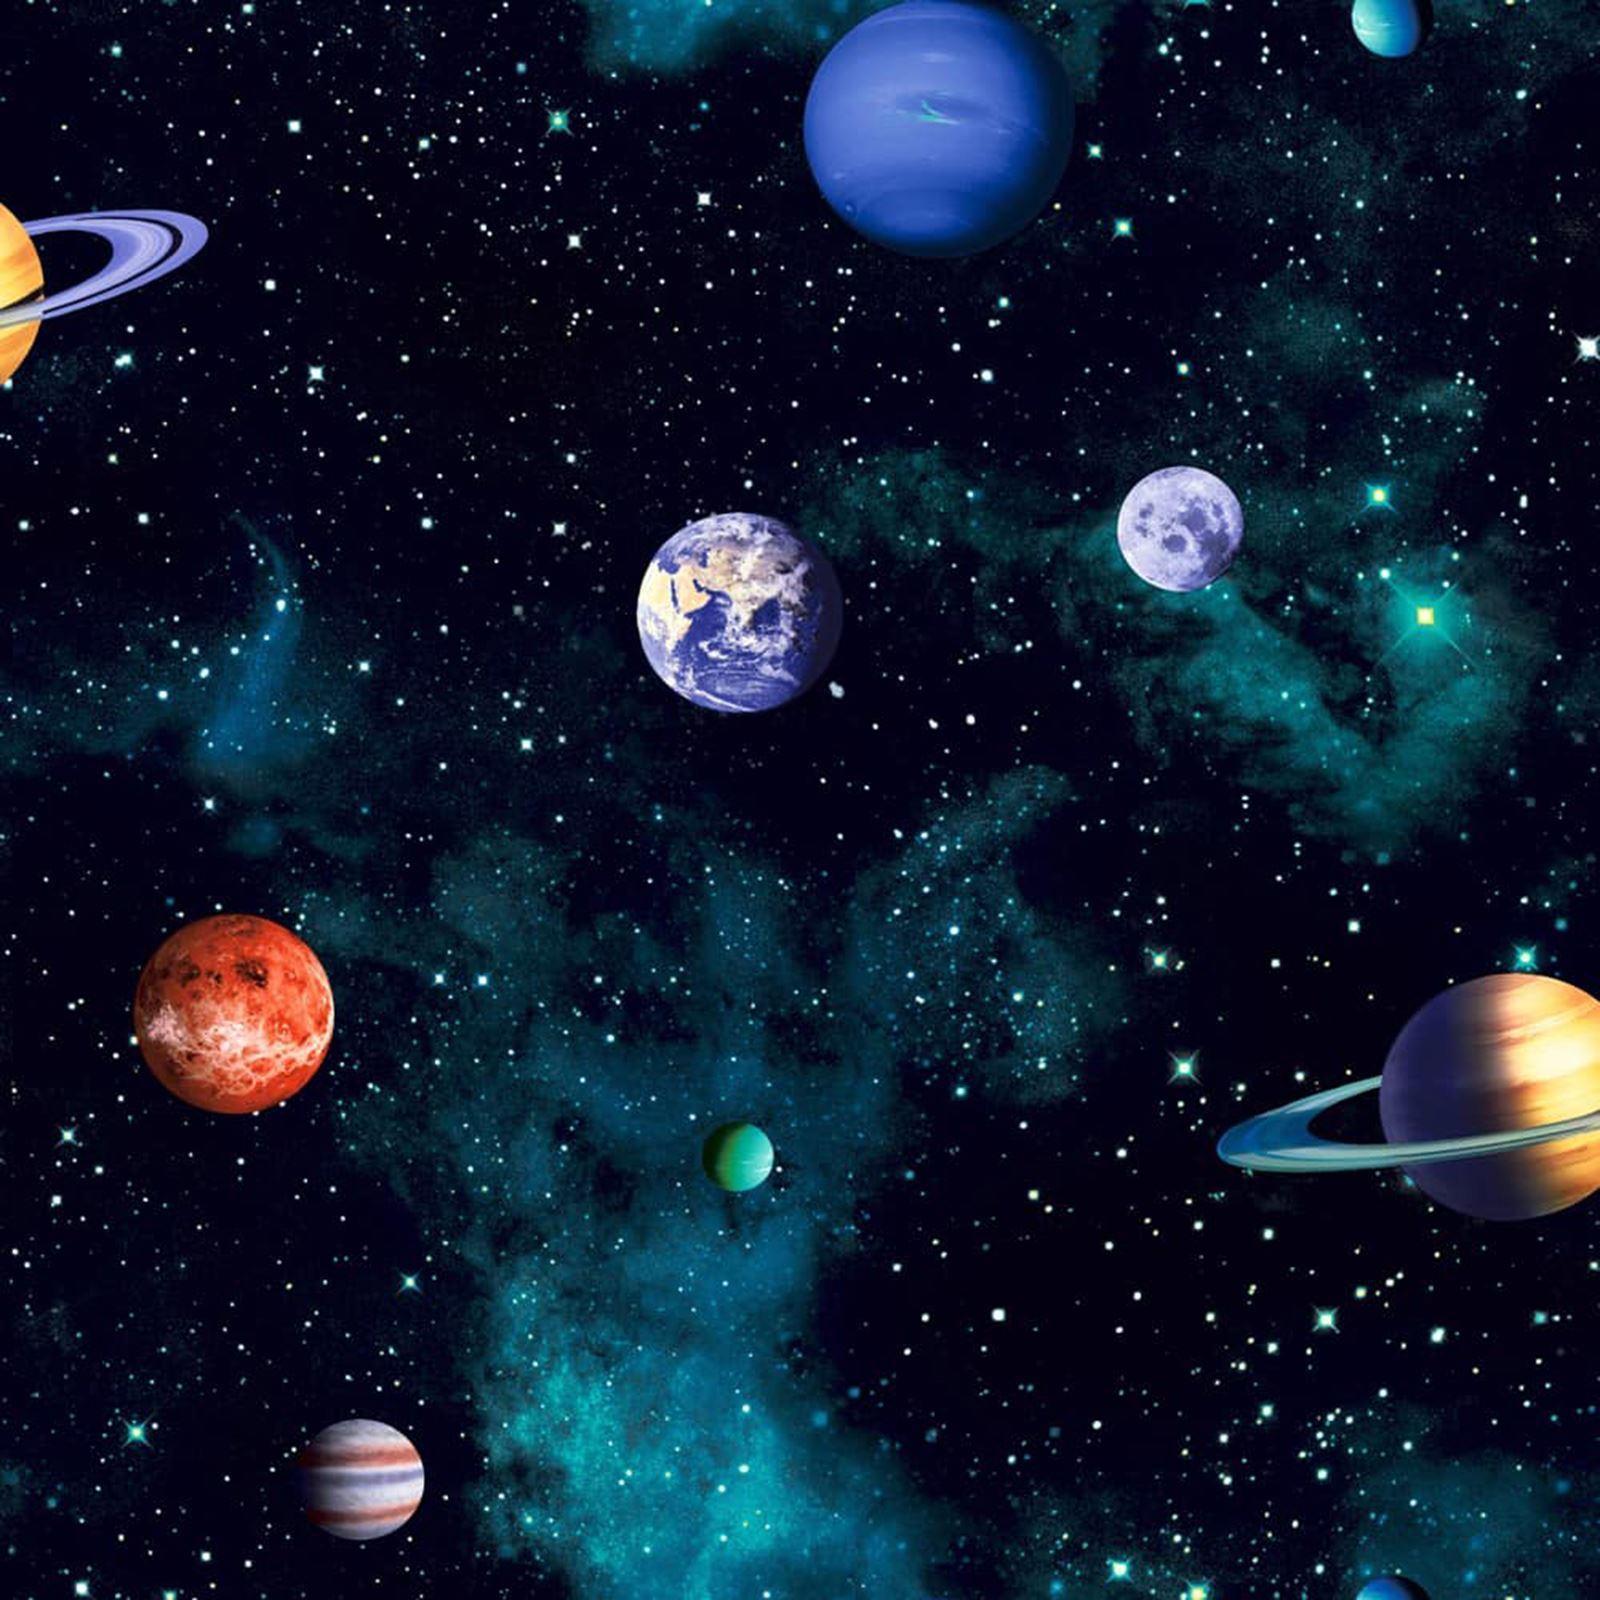 Detalles De Cosmos Papel Pintado Espacio Galaxia Estrellas Planetas Carbón Tierra Dormitorio Arthouse Ver Título Original